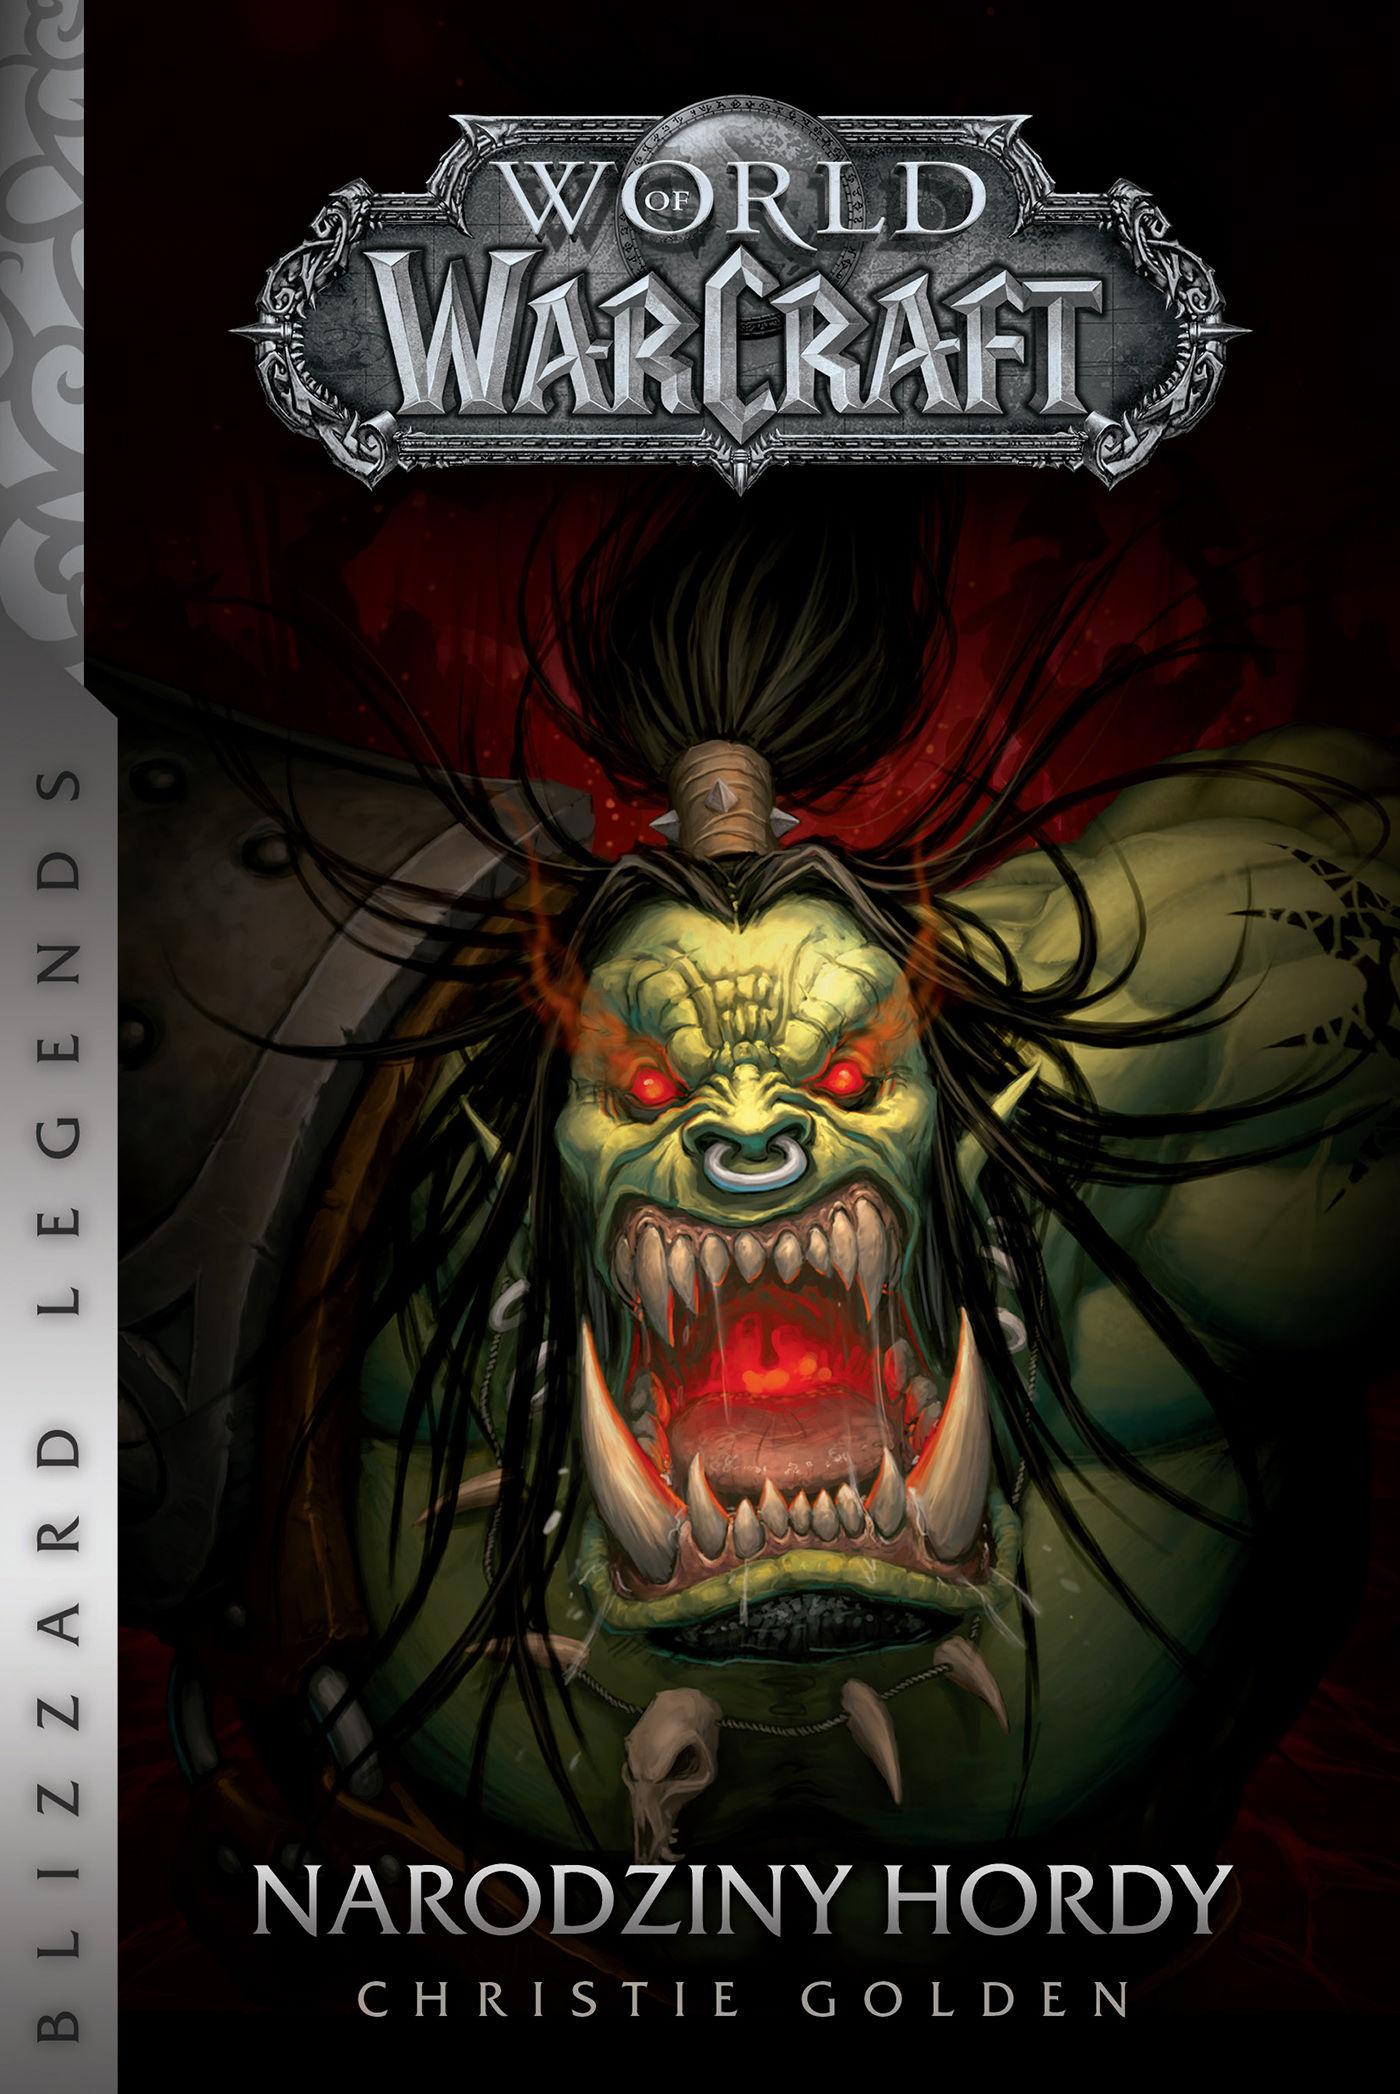 World of Warcraft: Narodziny hordy - Christie Golden - ebook